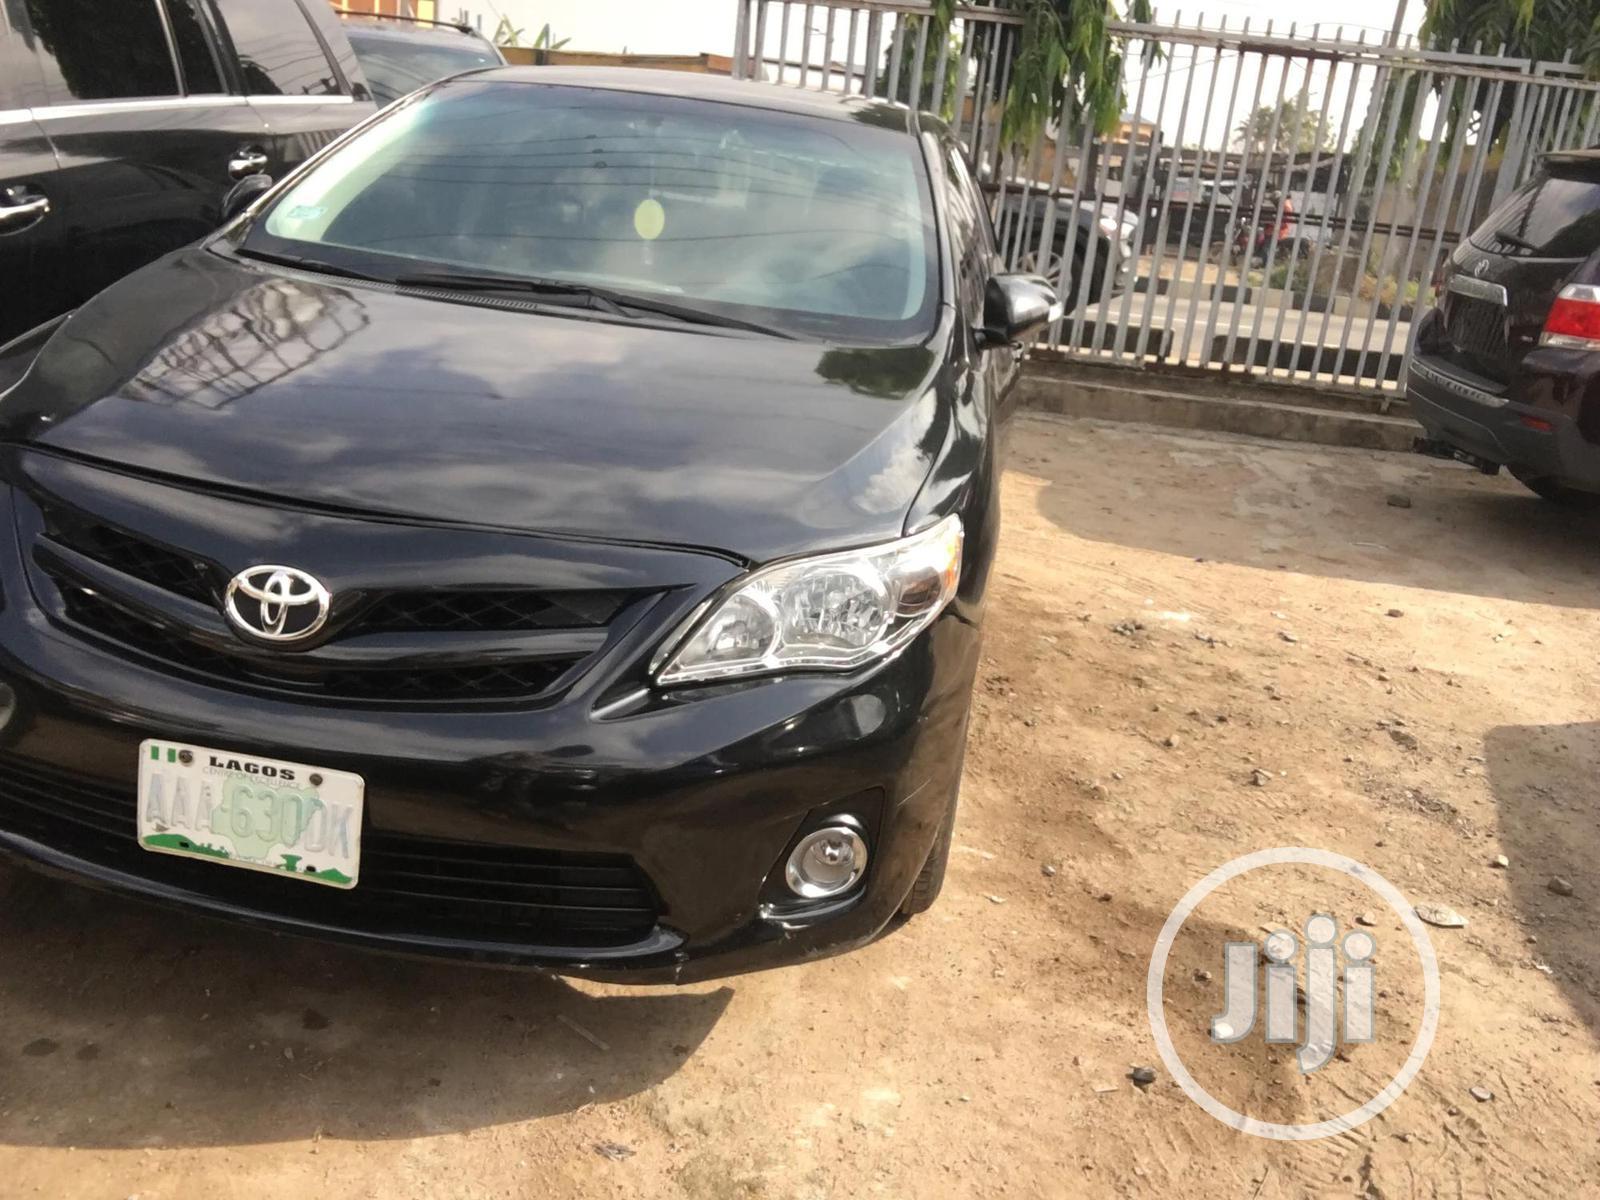 Toyota Corolla 2012 Black In Ikeja Cars Omobalo Autos Jiji Ng For Sale In Ikeja Omobalo Autos On Jiji Ng